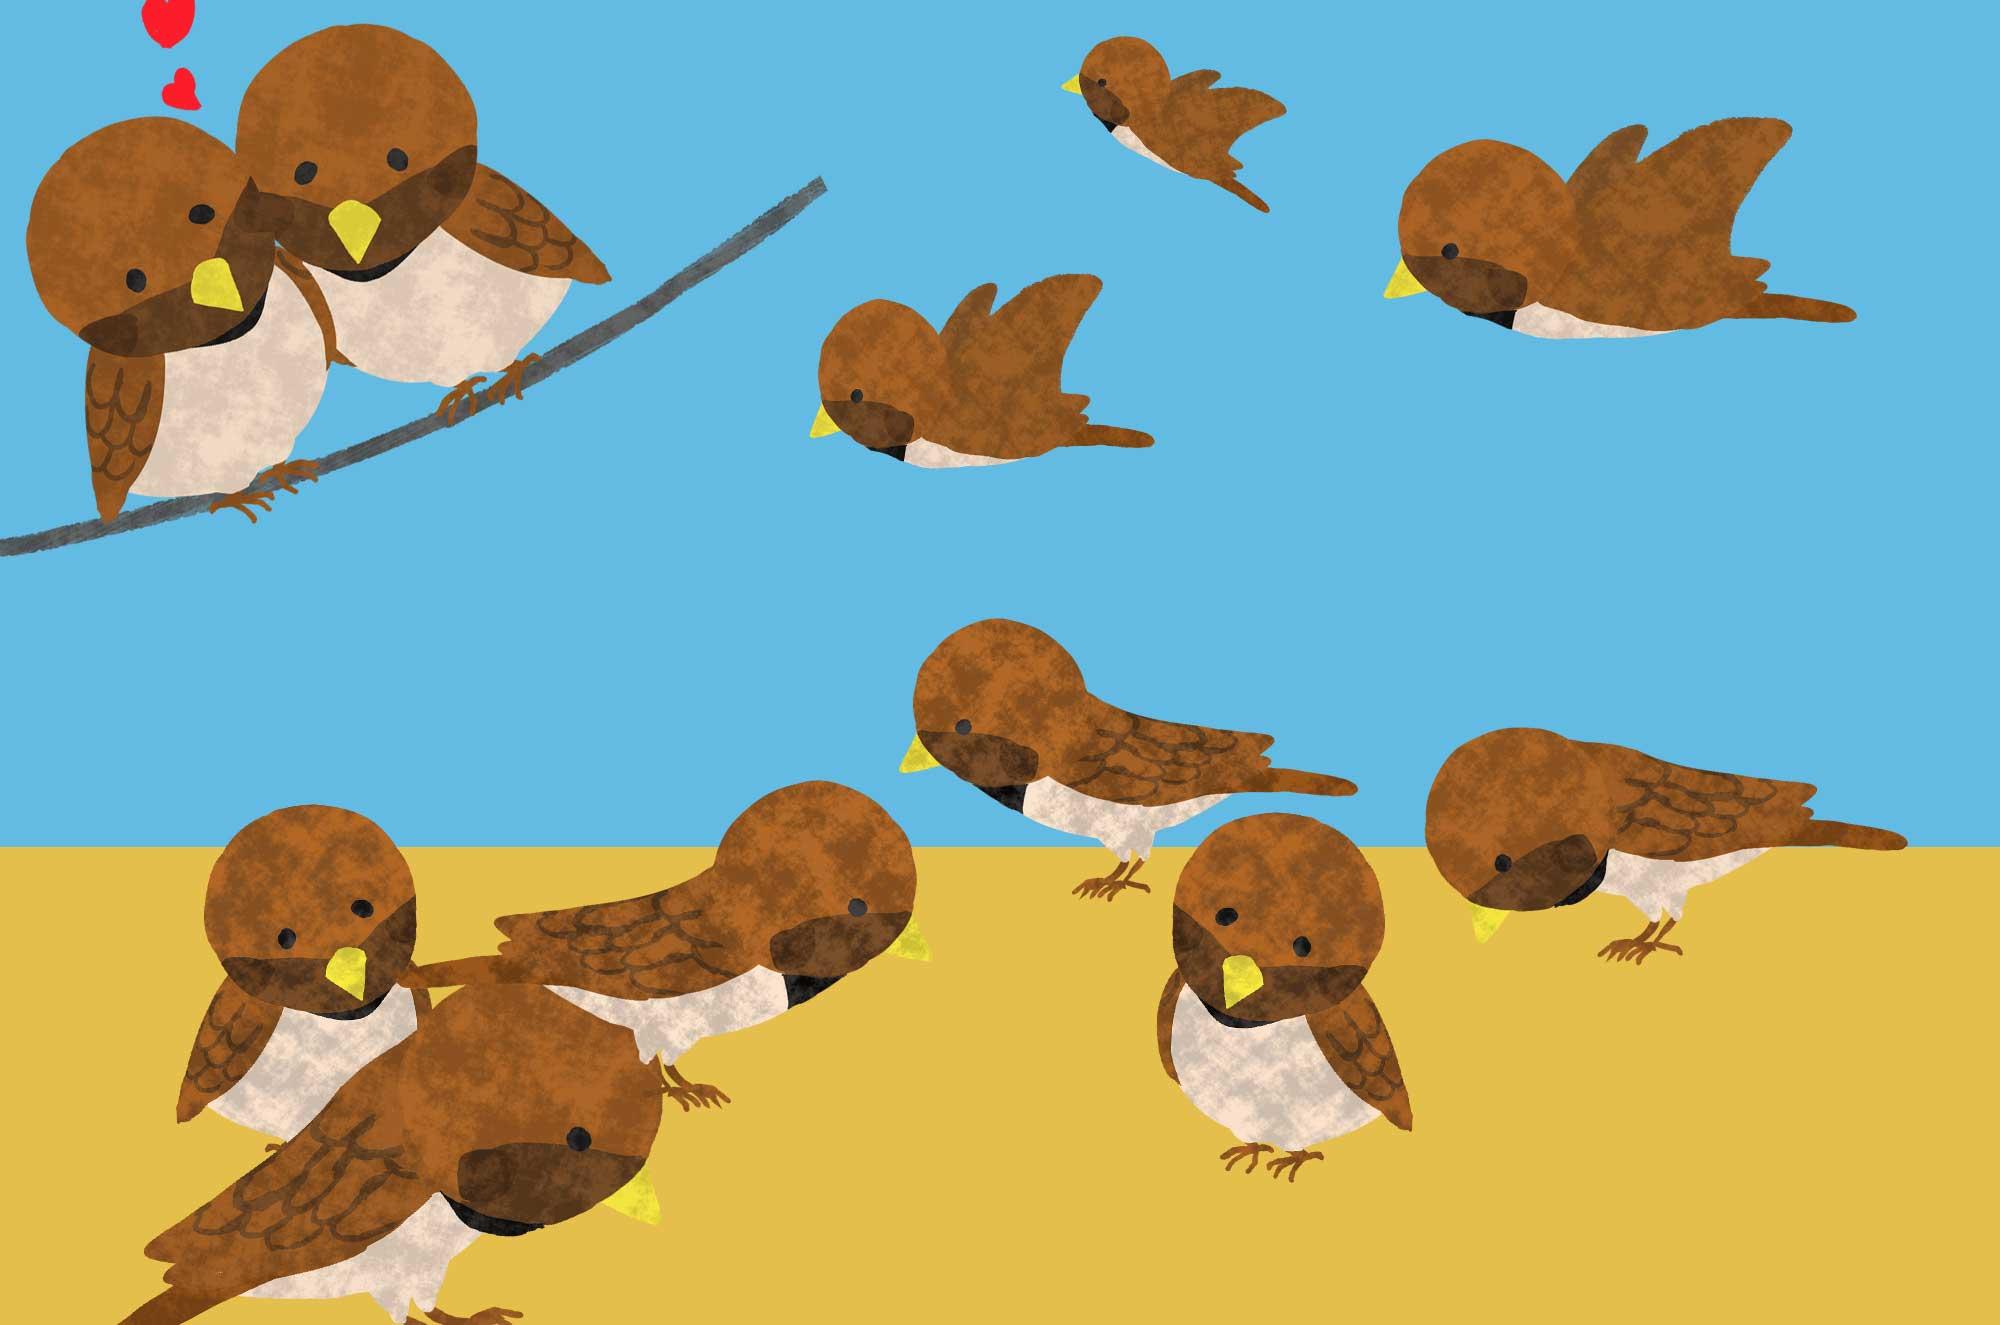 すずめのイラスト - 可愛い小鳥の無料素材集